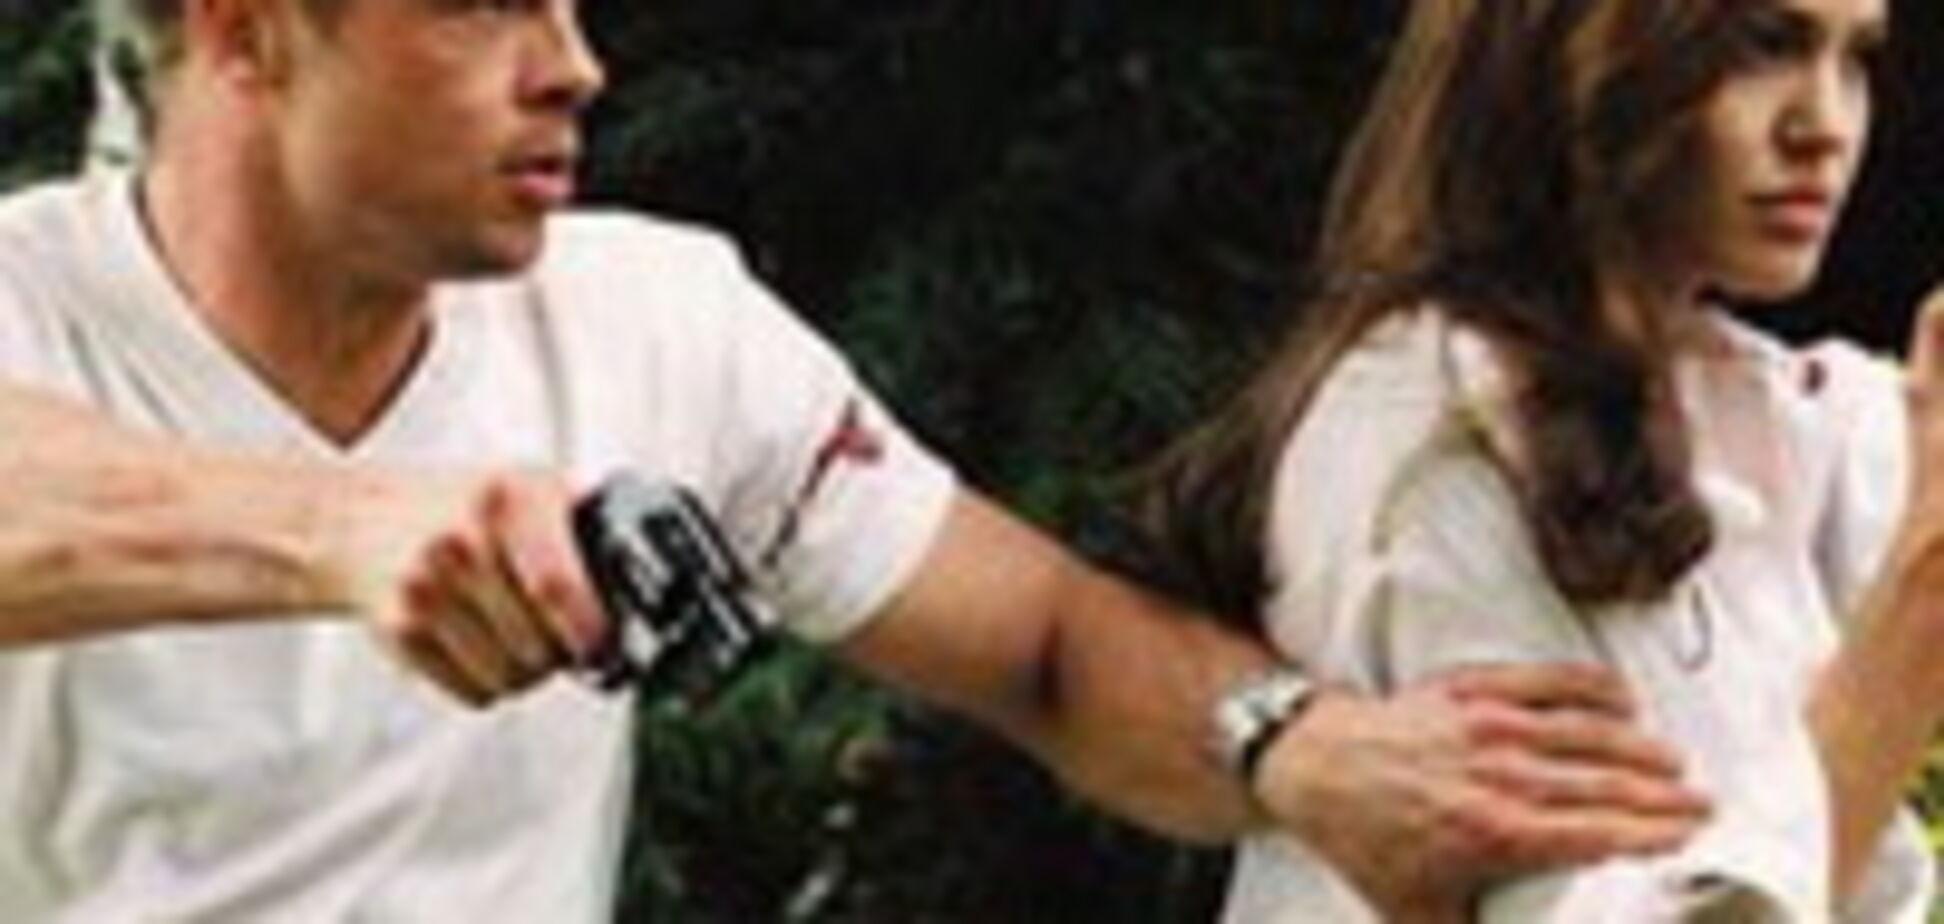 Джолі і Пітт - паркани та інші проблеми в сім'ї